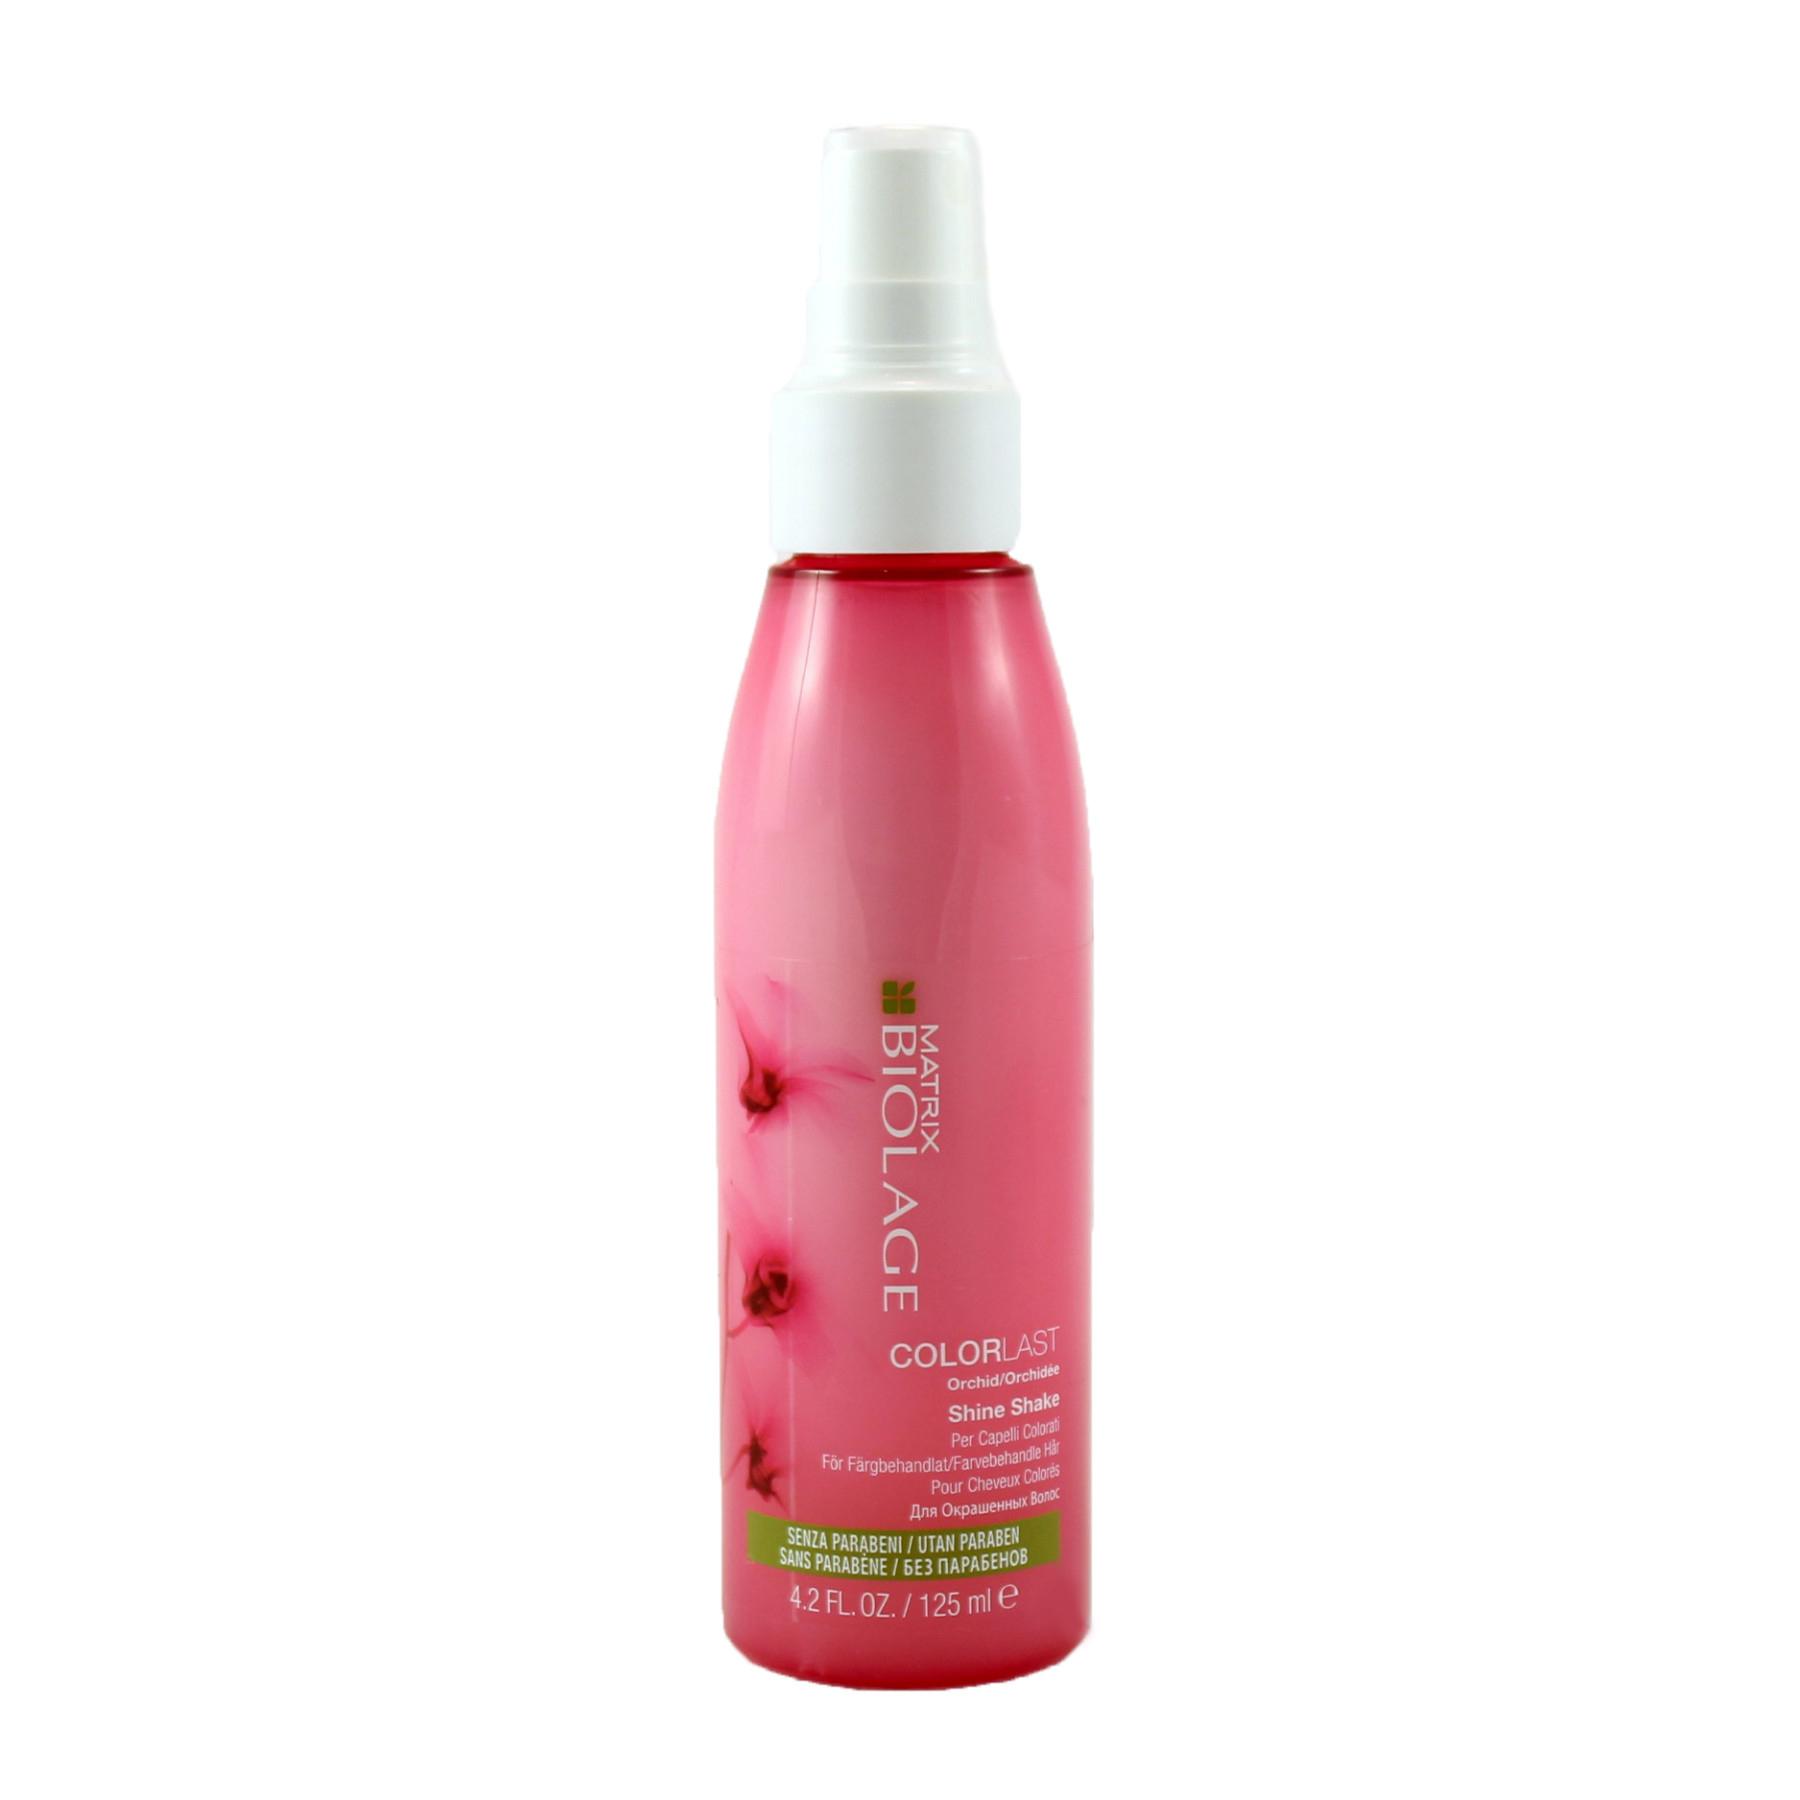 Купить Кондиционеры для волос Matrix, Спрей Matrix Biolage Colorlast для окрашенных волос 125 мл